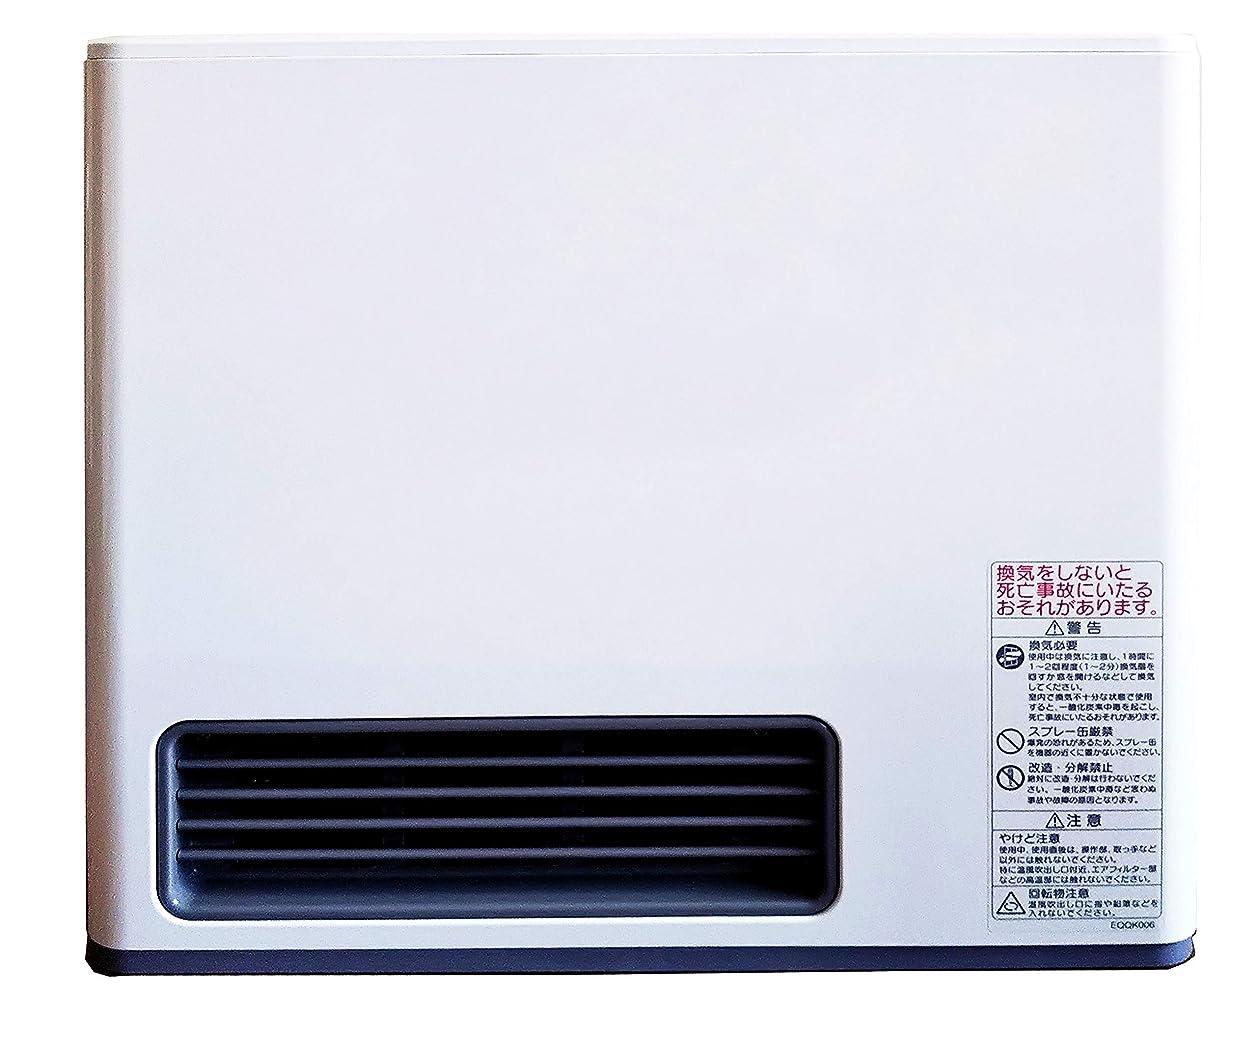 モチーフ経験的不平を言う大阪ガス ガスファンヒーター 都市ガス 13A 140-5763 11畳~15畳対応